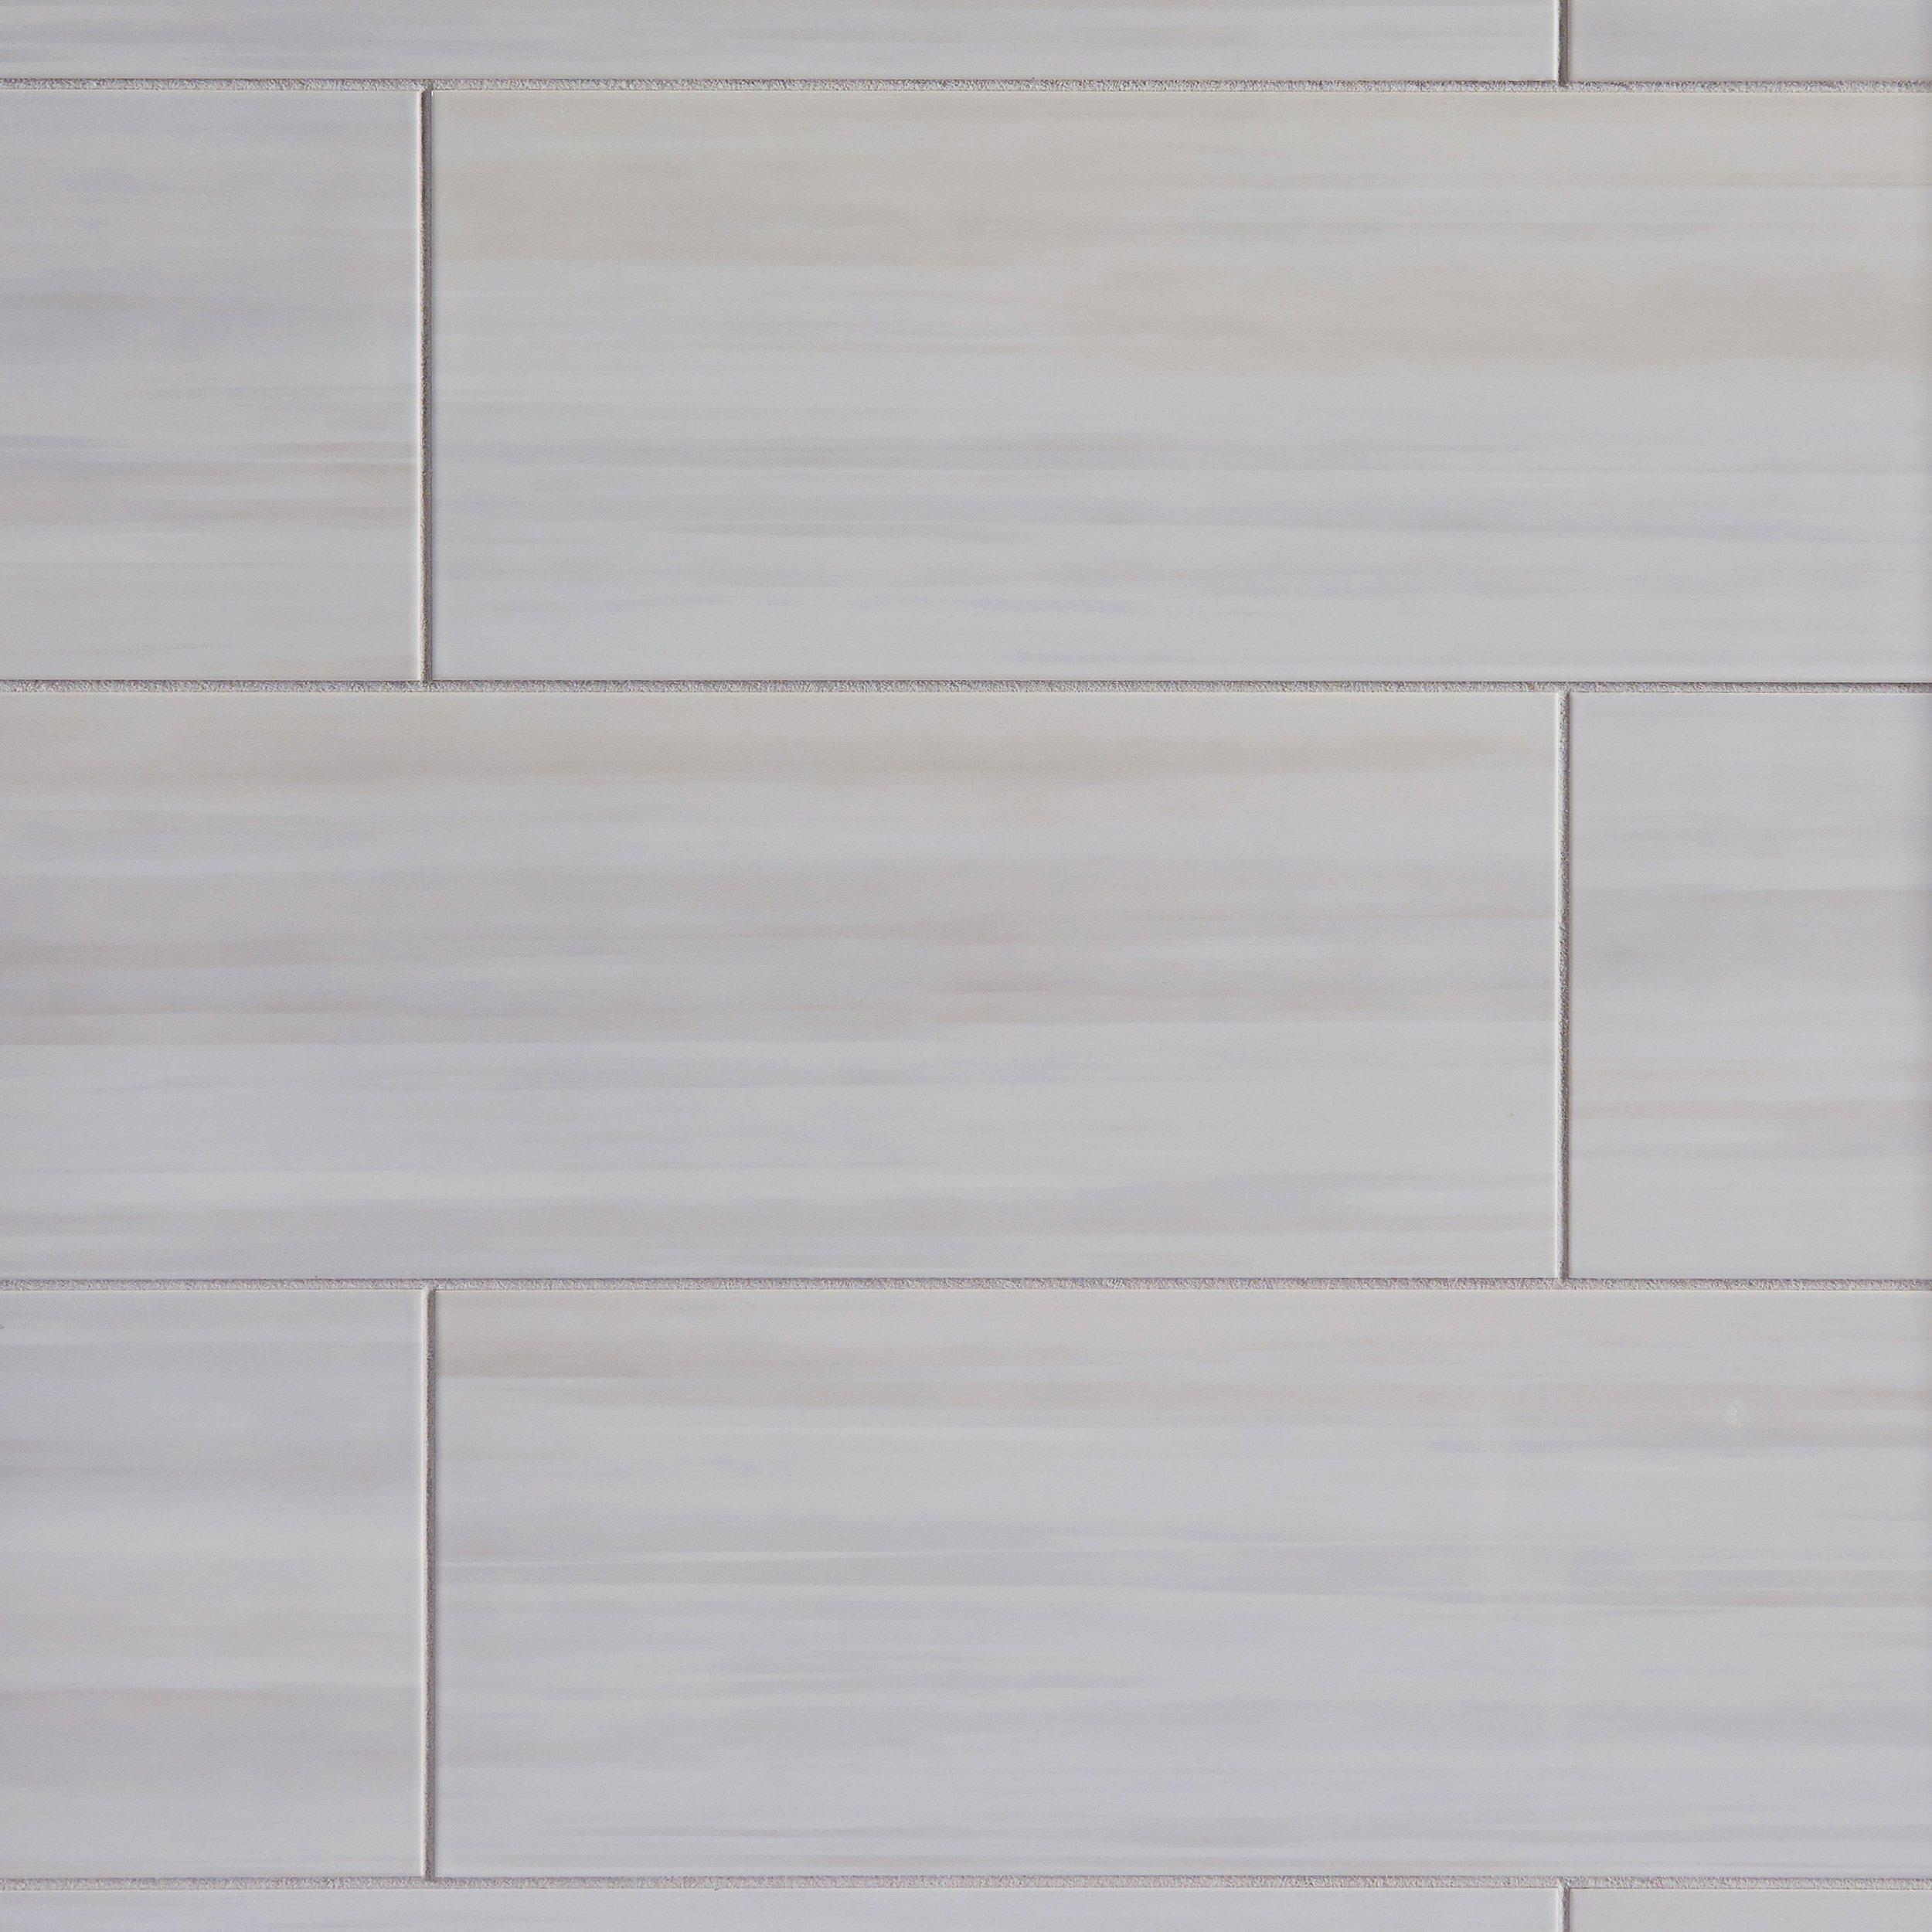 - Pin On Restroom Tile